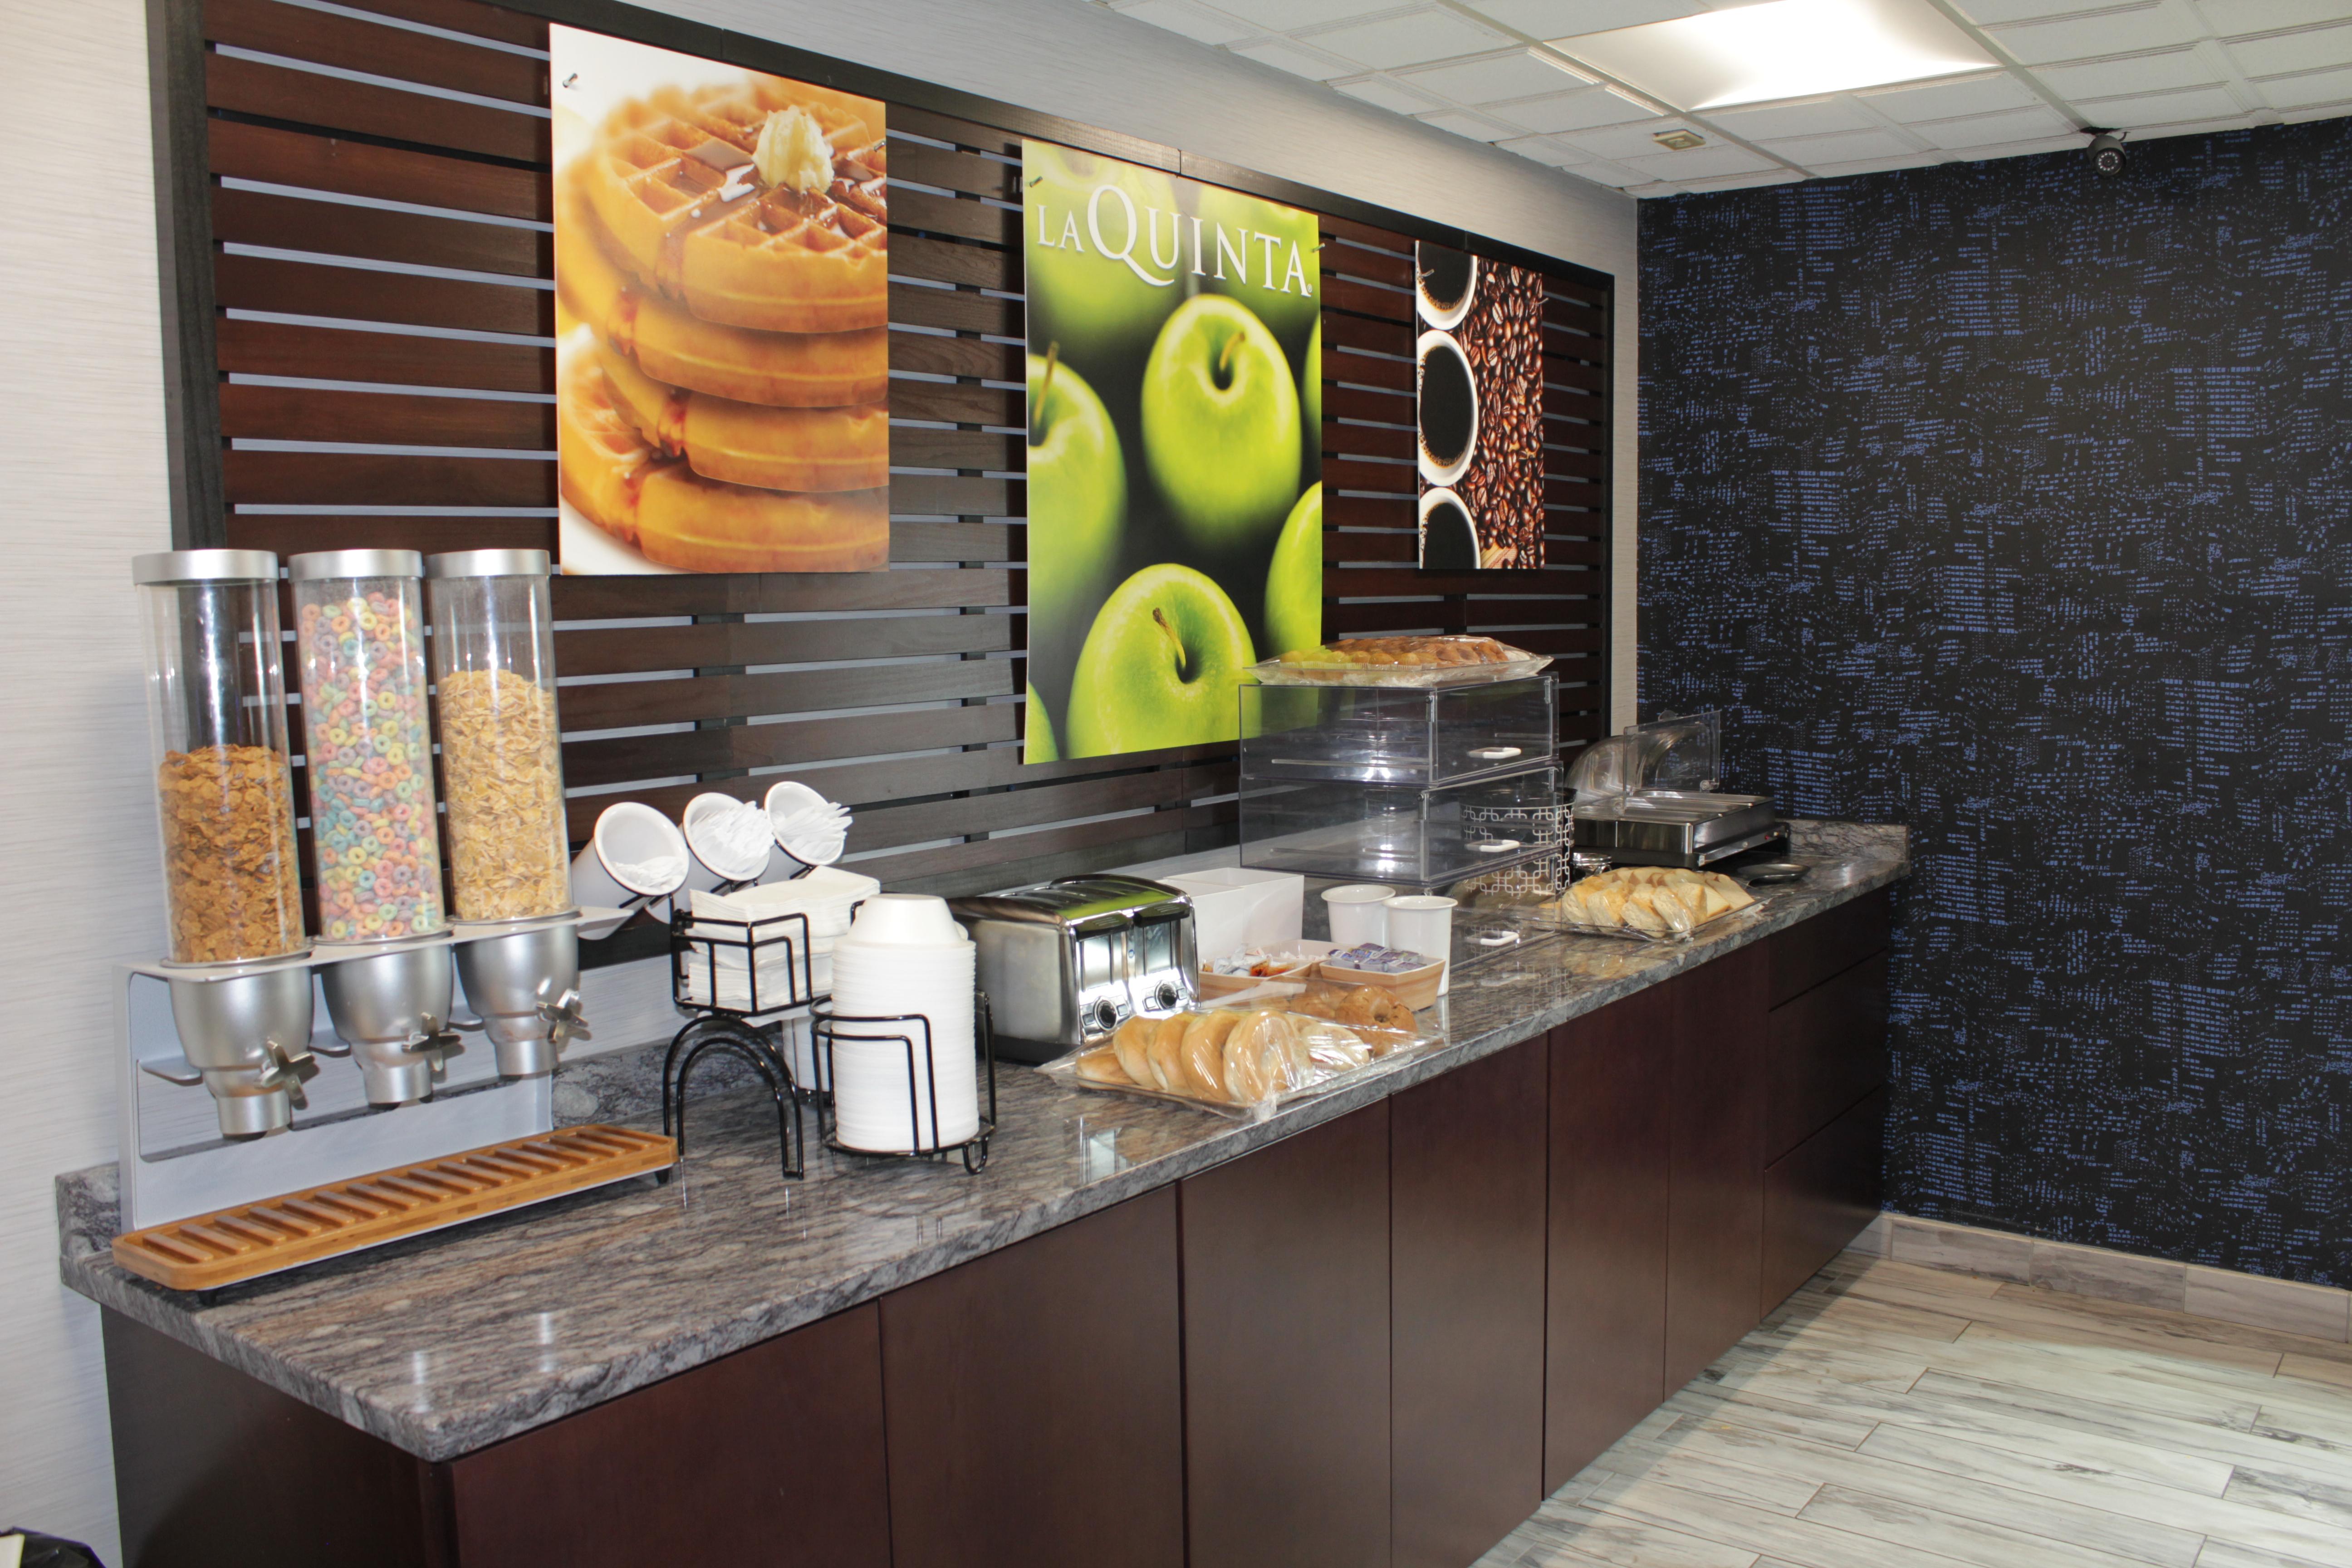 LaQuinta Charlottesville Breakfast Area